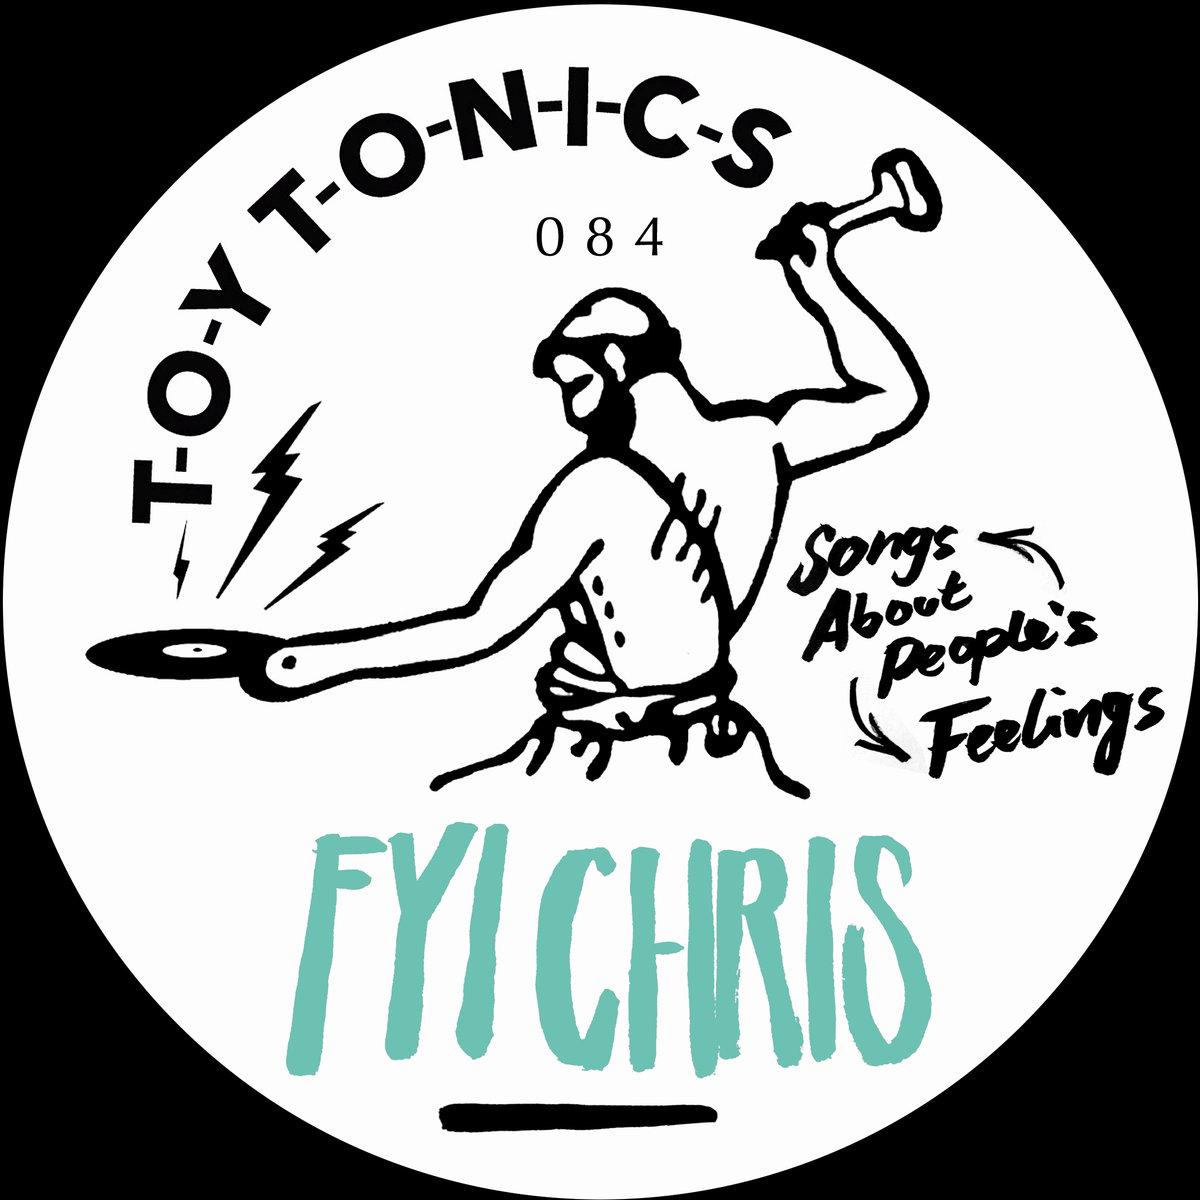 FYI Chris - Songs about peoples feelings